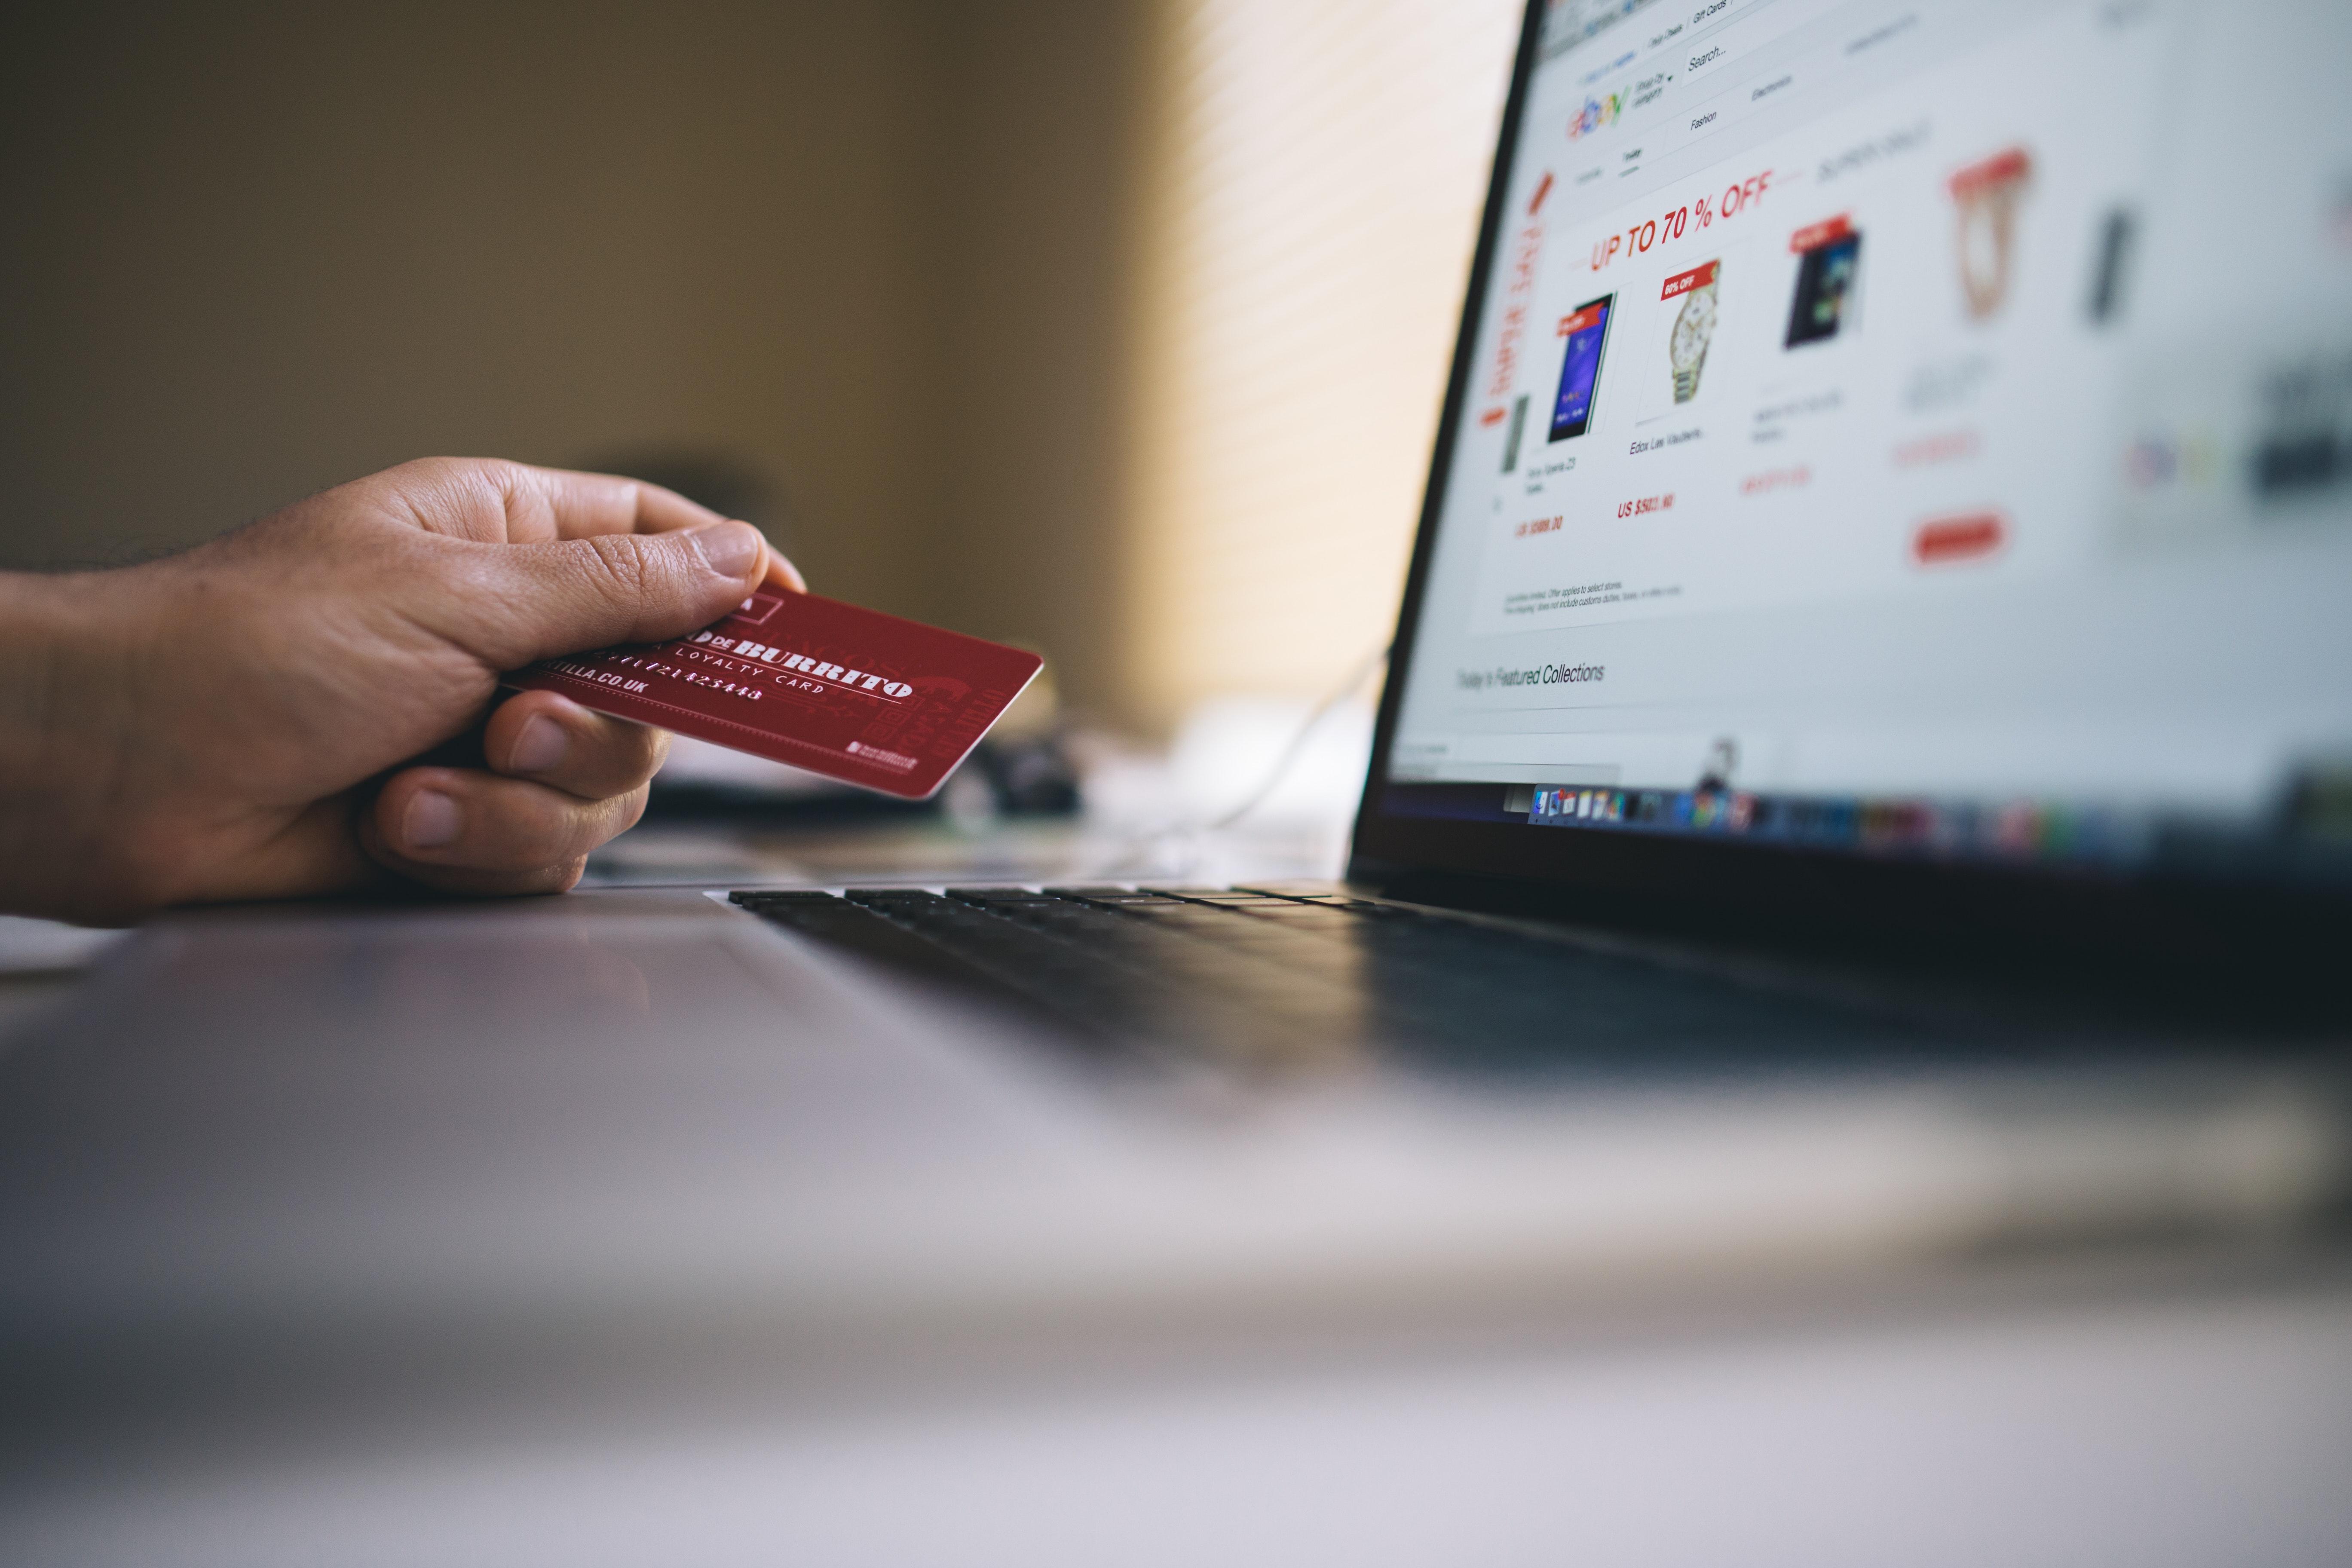 مزایای فرهنگی و اجتماعی خرید اینترنتی چیست؟